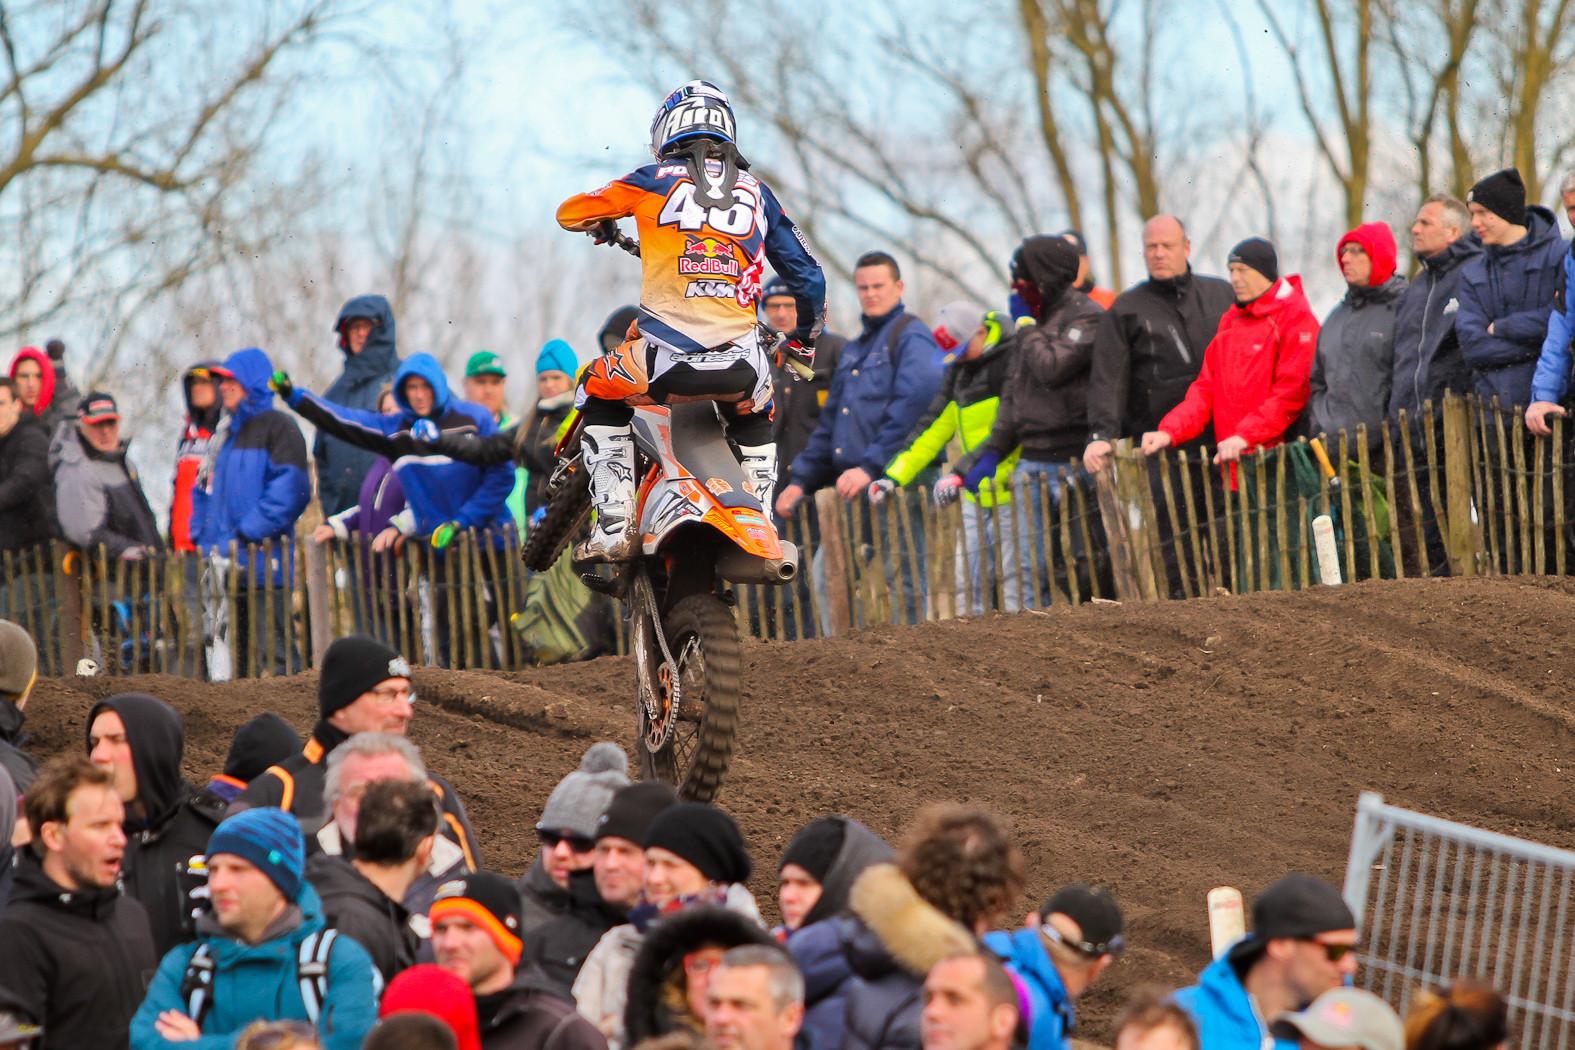 Davy Pootjes - Photo Blast: MXGP of Europe - Motocross Pictures - Vital MX